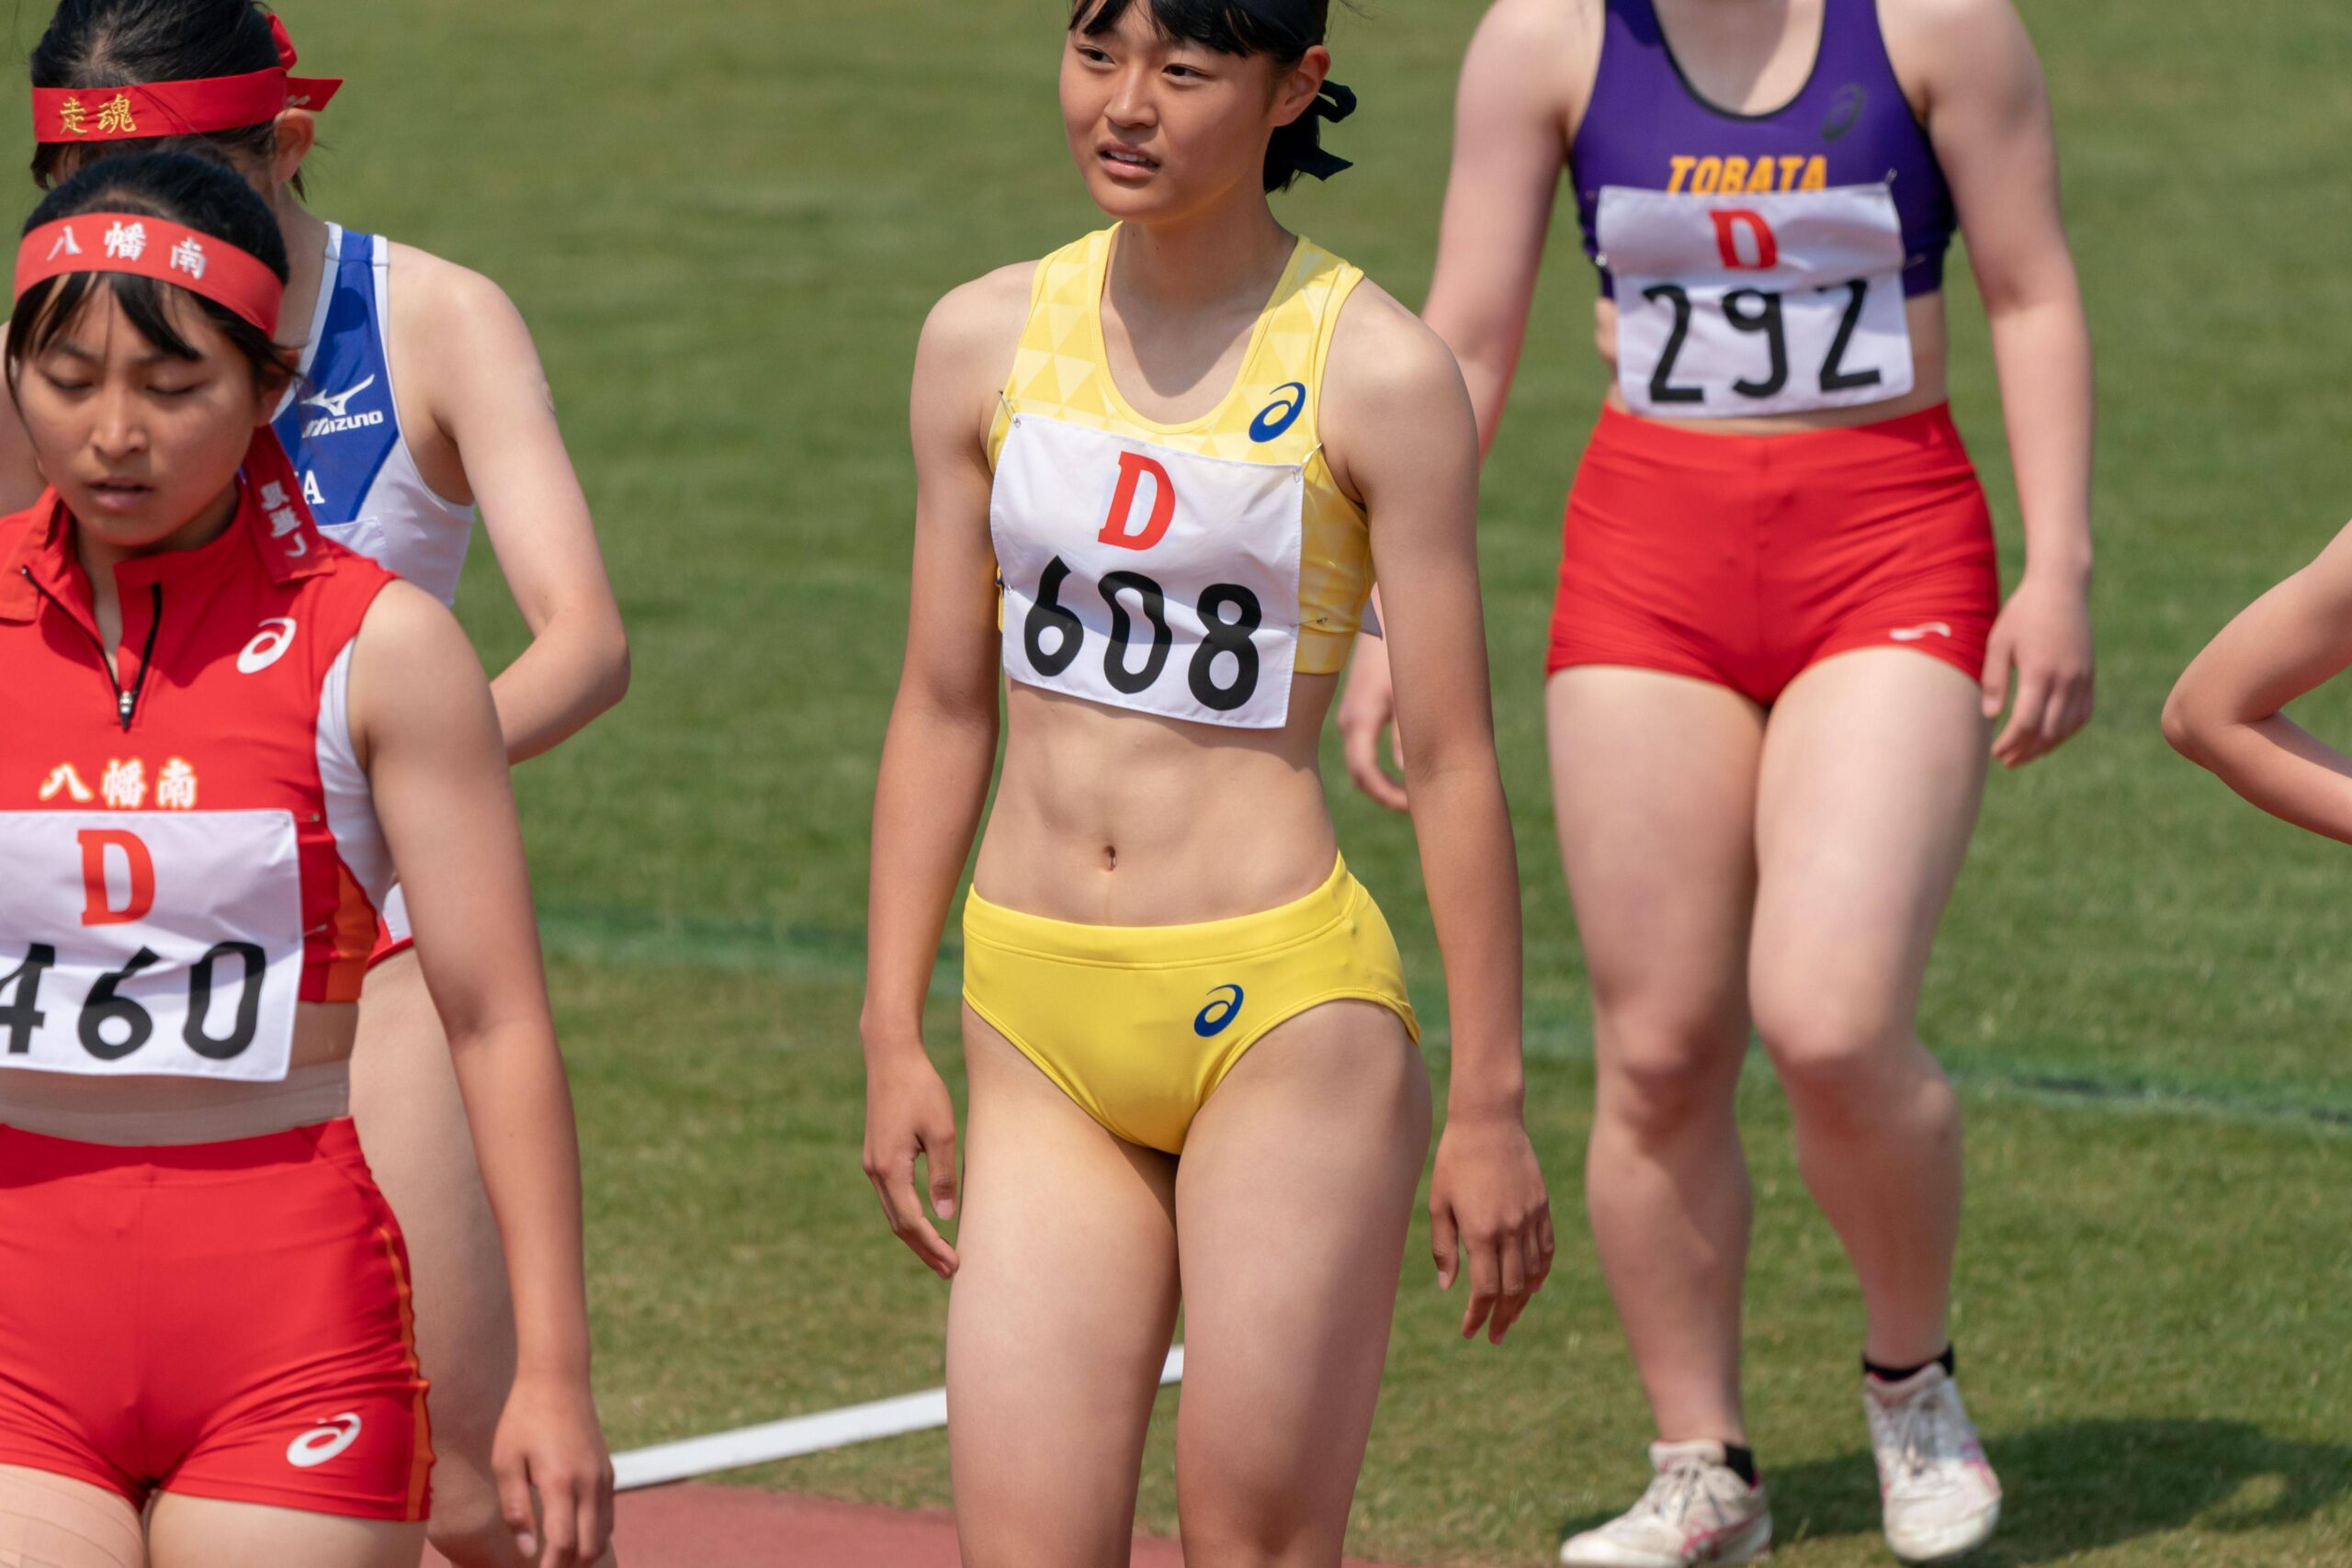 陸上部の女さん、卑猥な体で走ってしまうwwwwwwwwwwwwww 7KSzhNI scaled